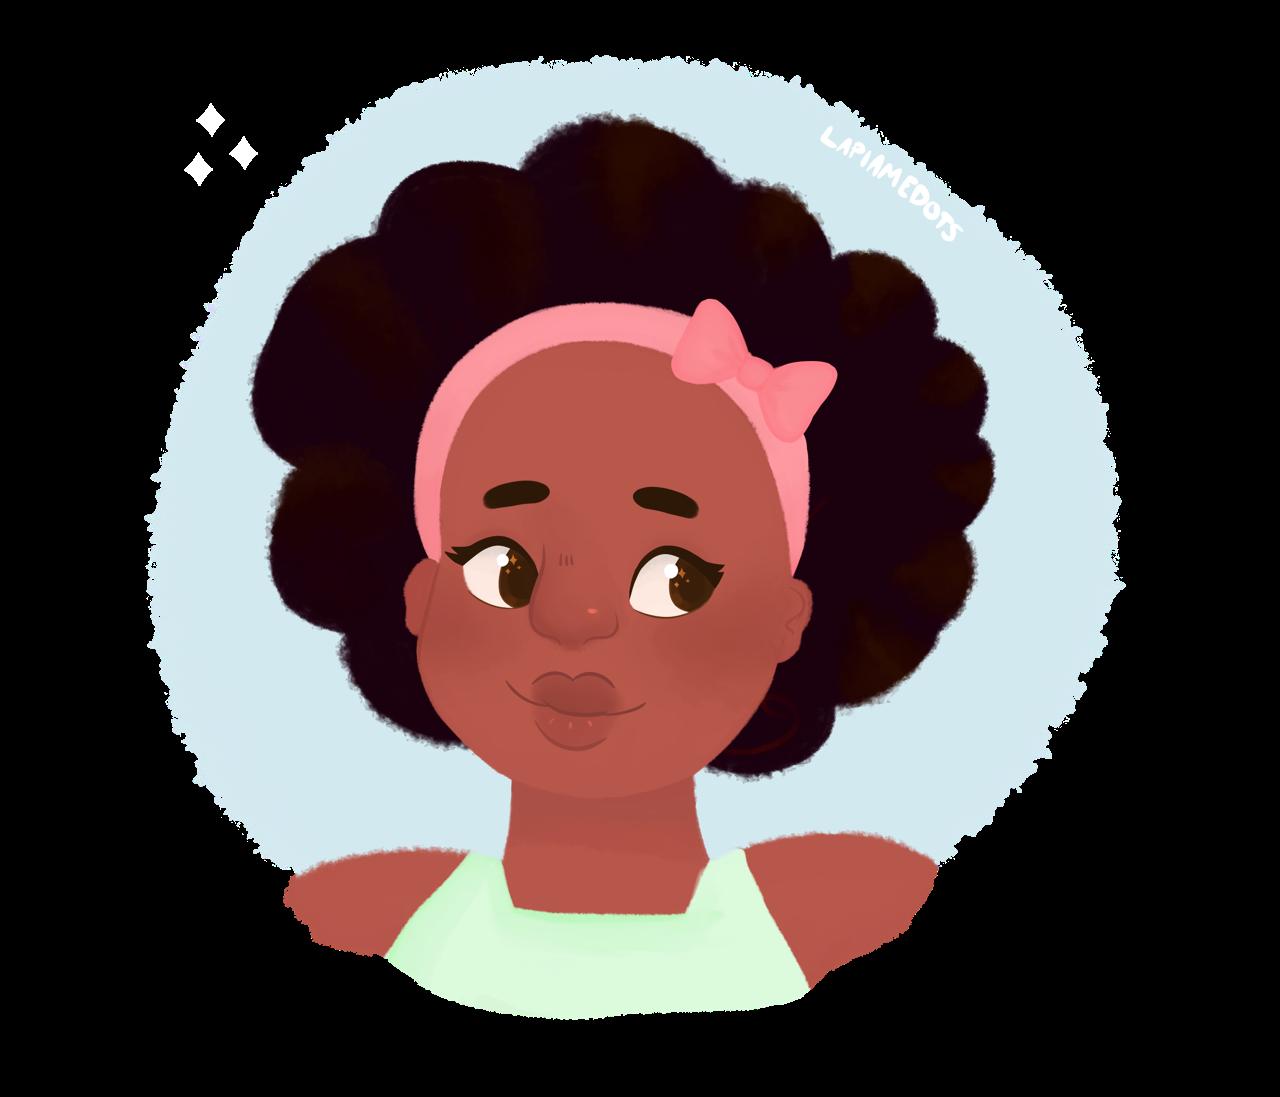 I drew Kiki Pizza! I love her so much